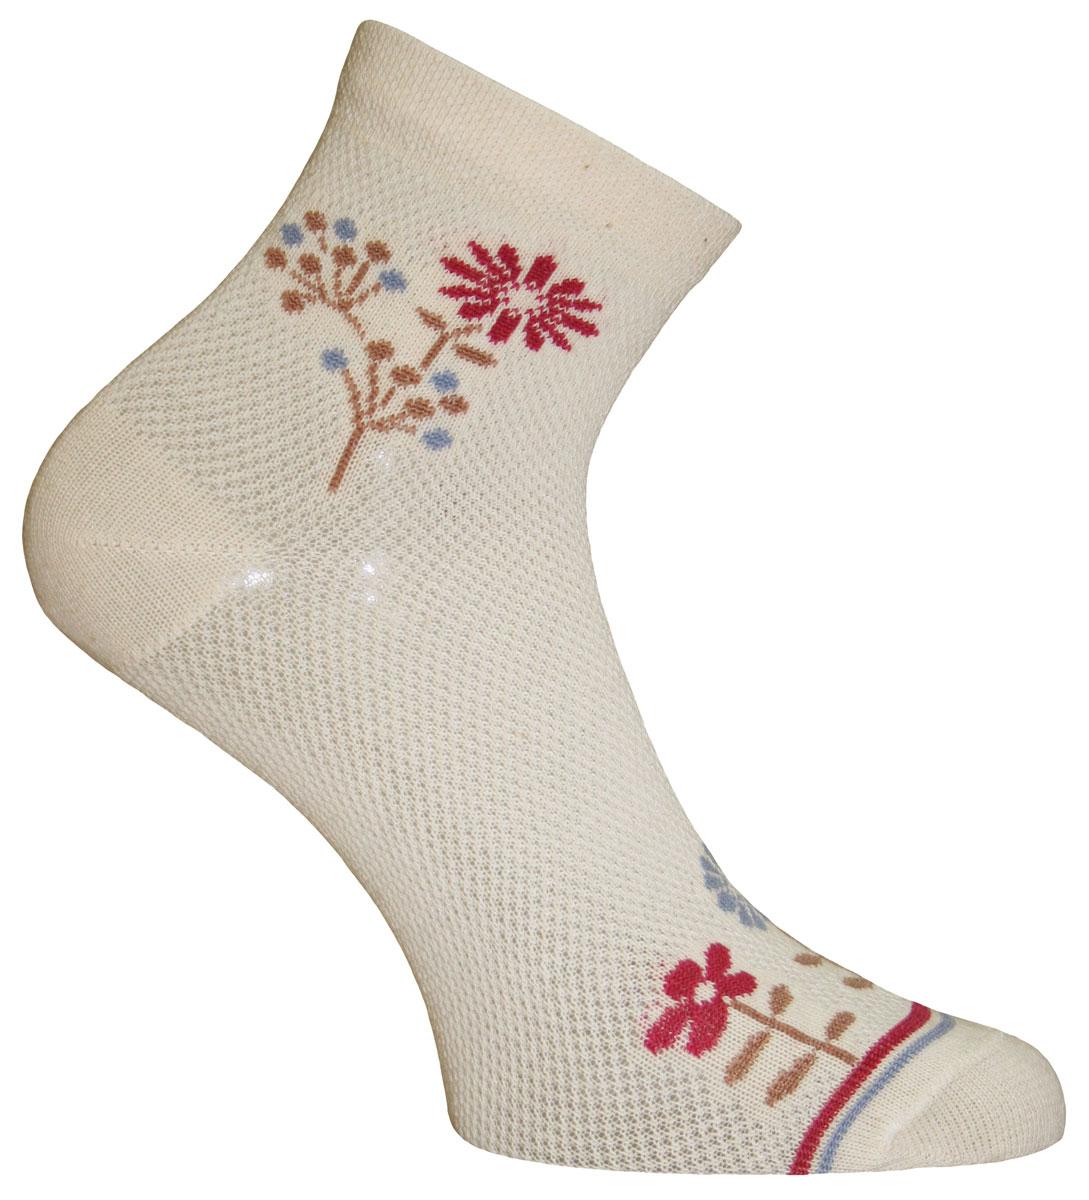 Носки женские Master Socks, цвет: бежевый, красный, коричневый. 55011. Размер 2555011Удобные носки Master Socks, изготовленные из высококачественного комбинированного материала, очень мягкие и приятные на ощупь, позволяют коже дышать. Эластичная резинка плотно облегает ногу, не сдавливая ее, обеспечивая комфорт и удобство. Носки с паголенком классической длины оформленыоригинальным принтом в нижней и верхней частях носка. Практичные и комфортные носки великолепно подойдут к любой вашей обуви.